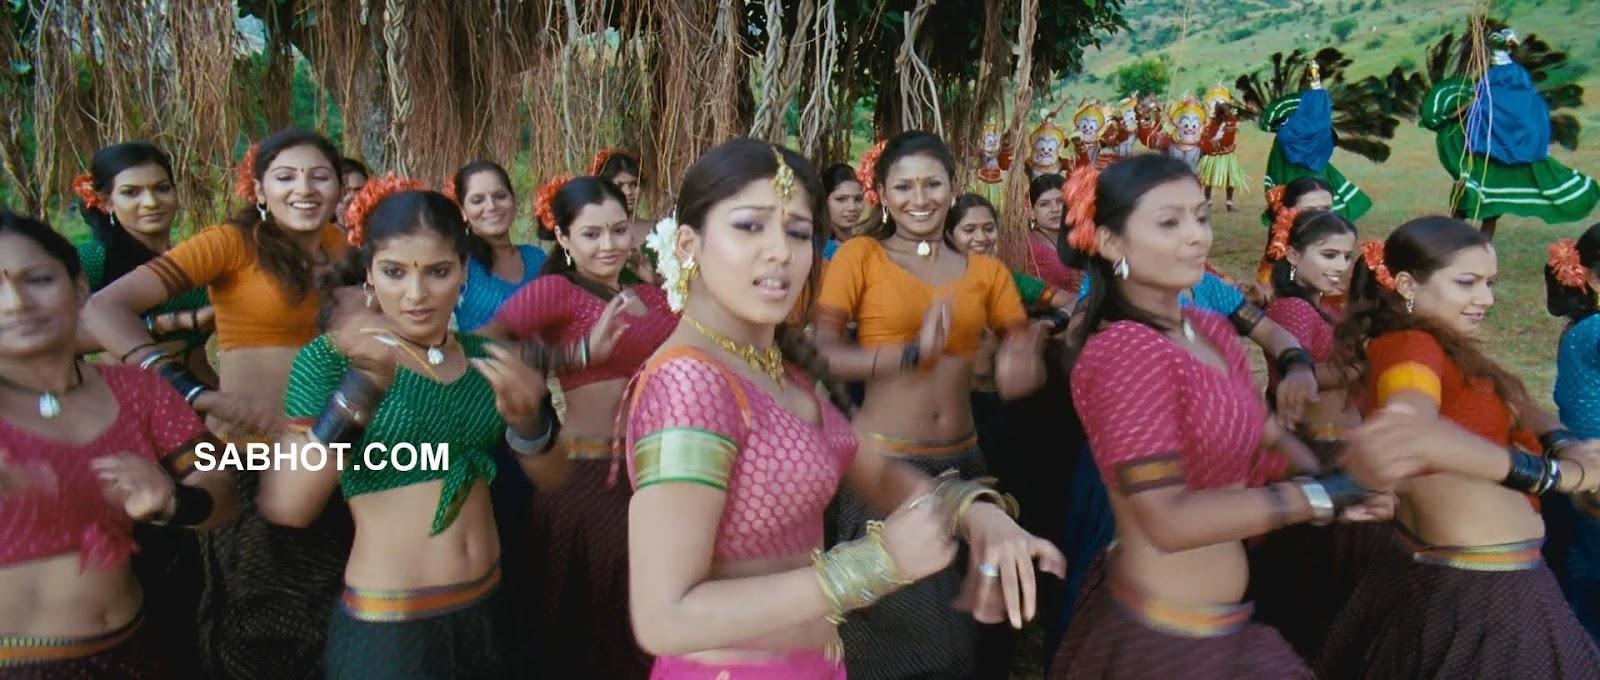 Nayanthara Hot Video Song Hd Photos - Sabwoodcom-1999